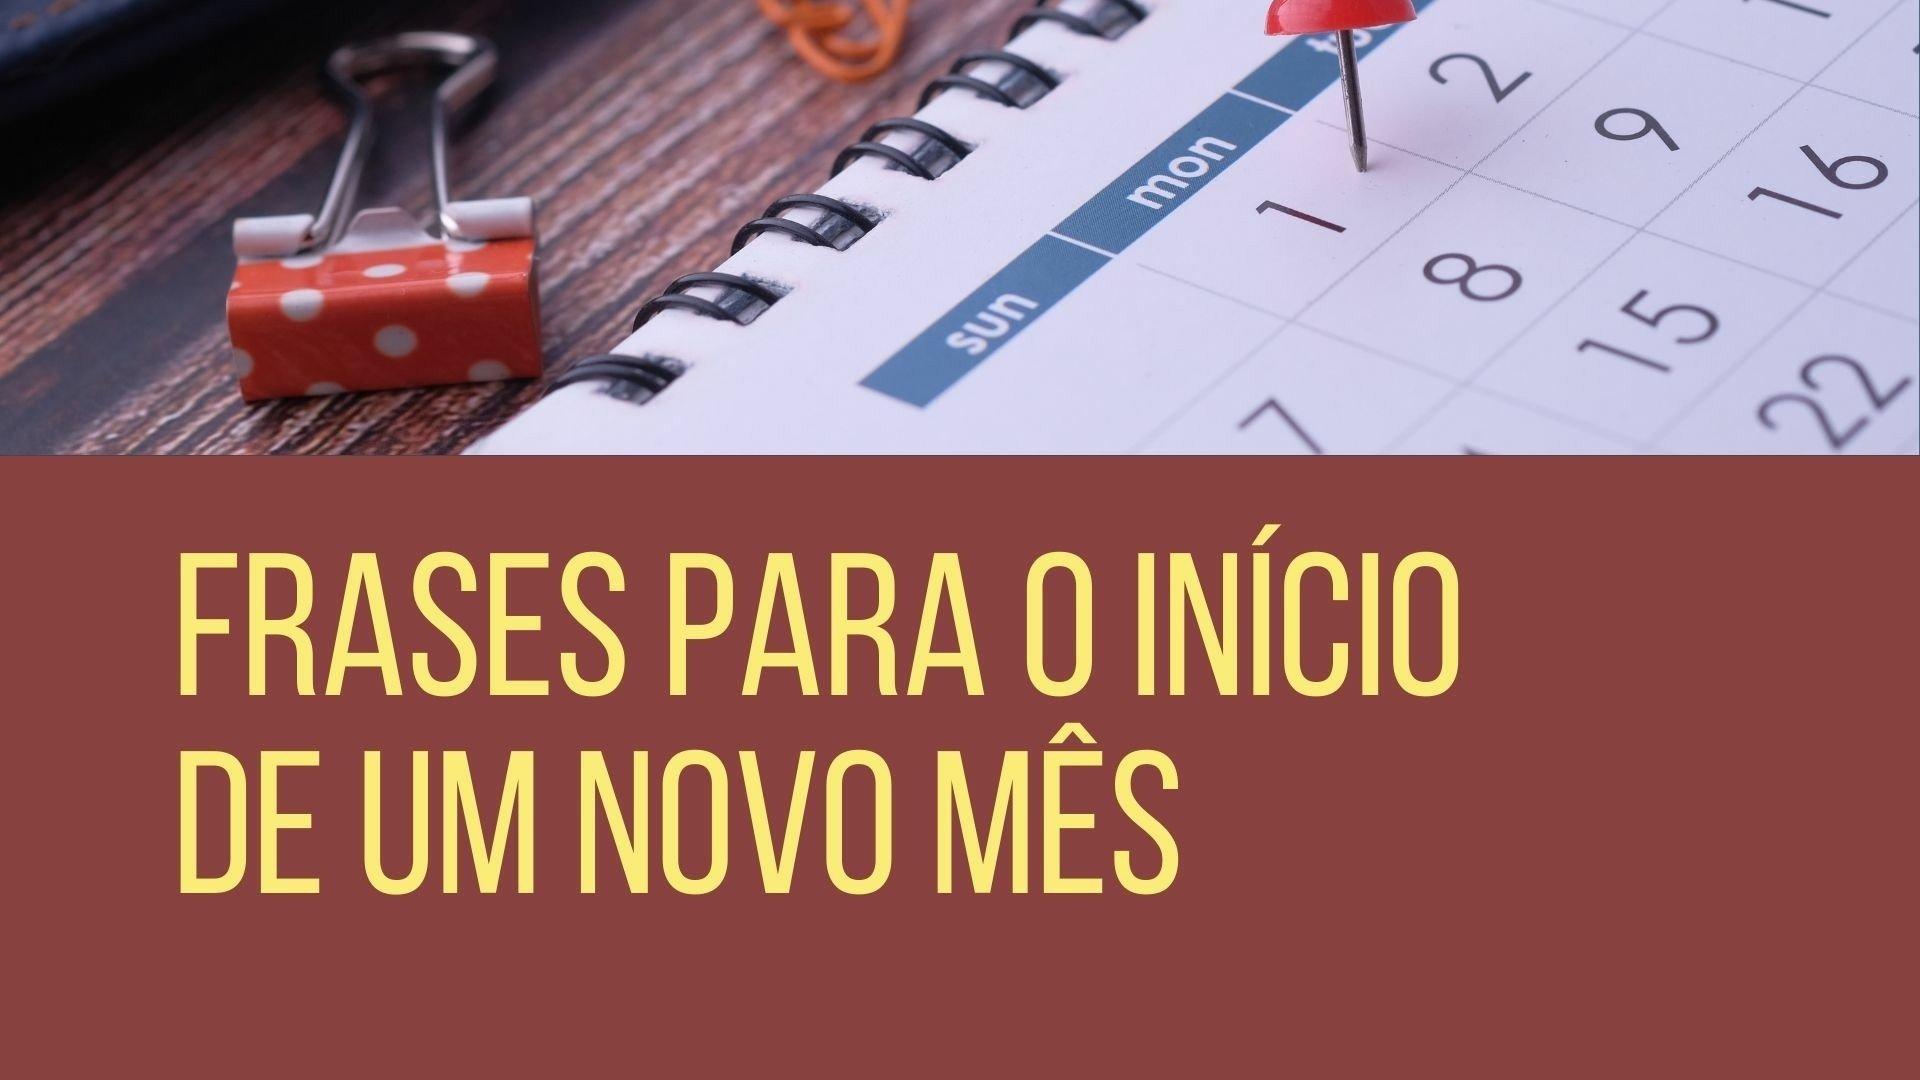 10 Frases Sobre Recomeço Para Comemorar O Início De Um Novo